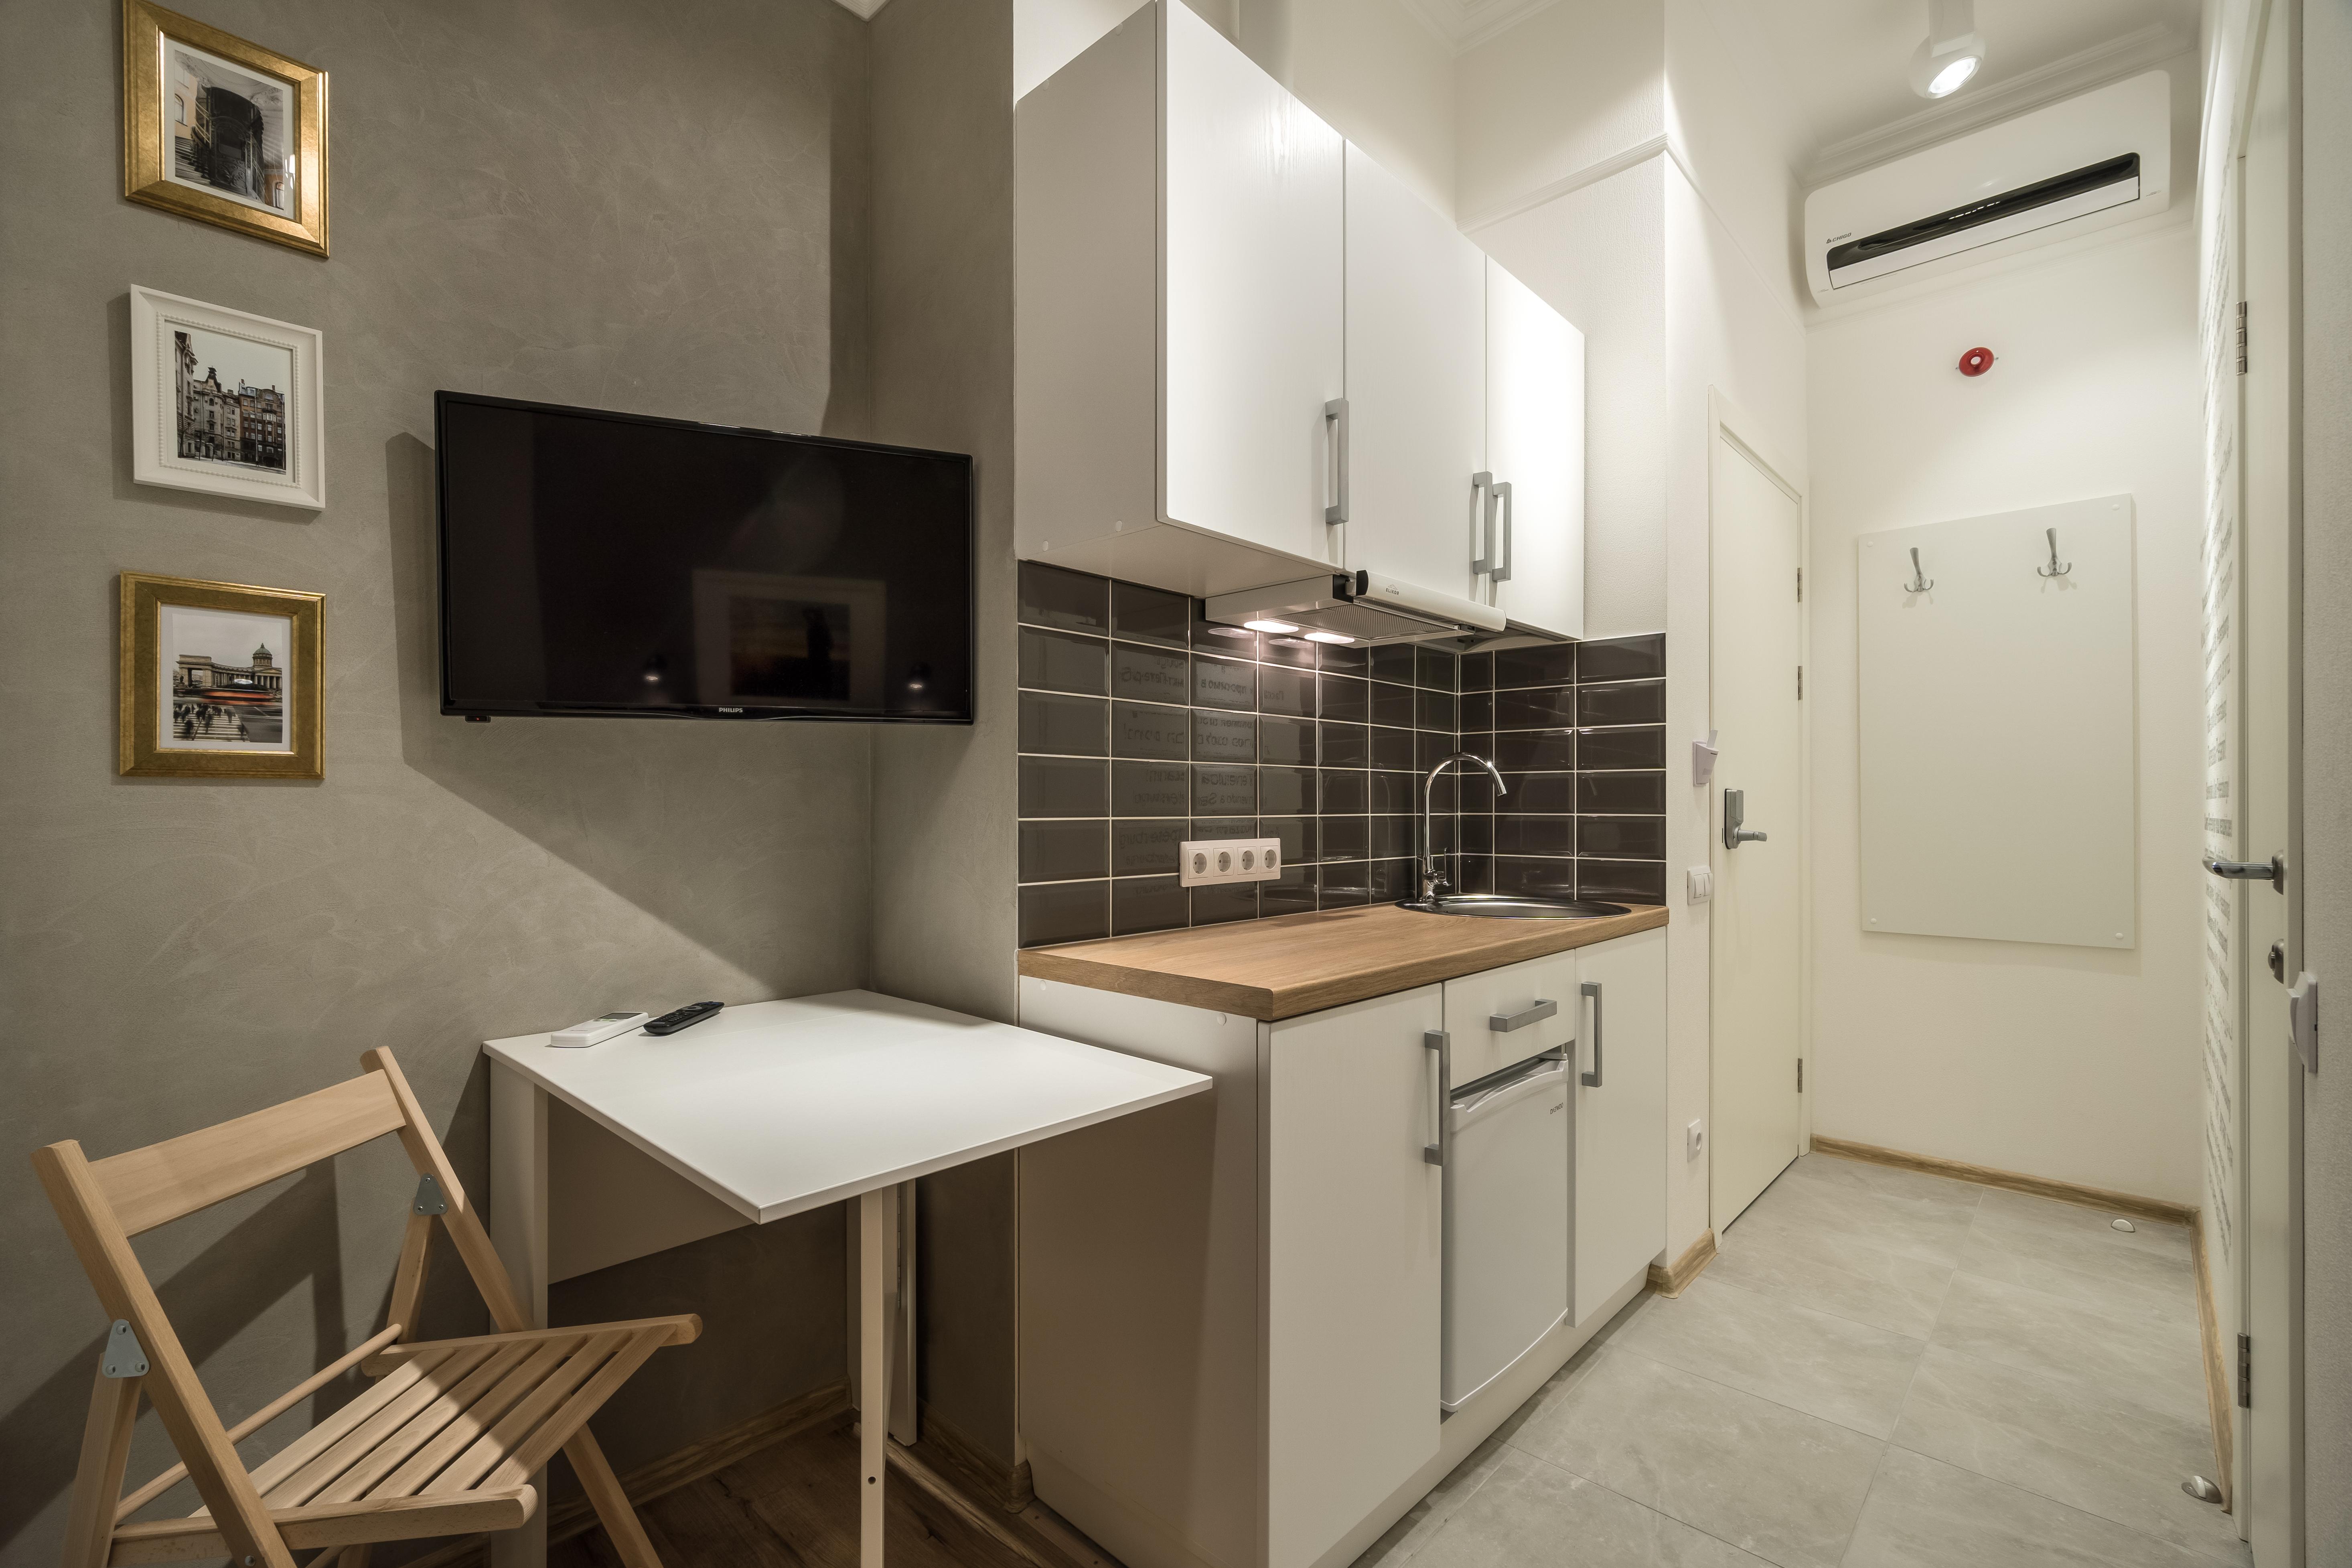 Вход,мини-кухня,стол  в апартаменте